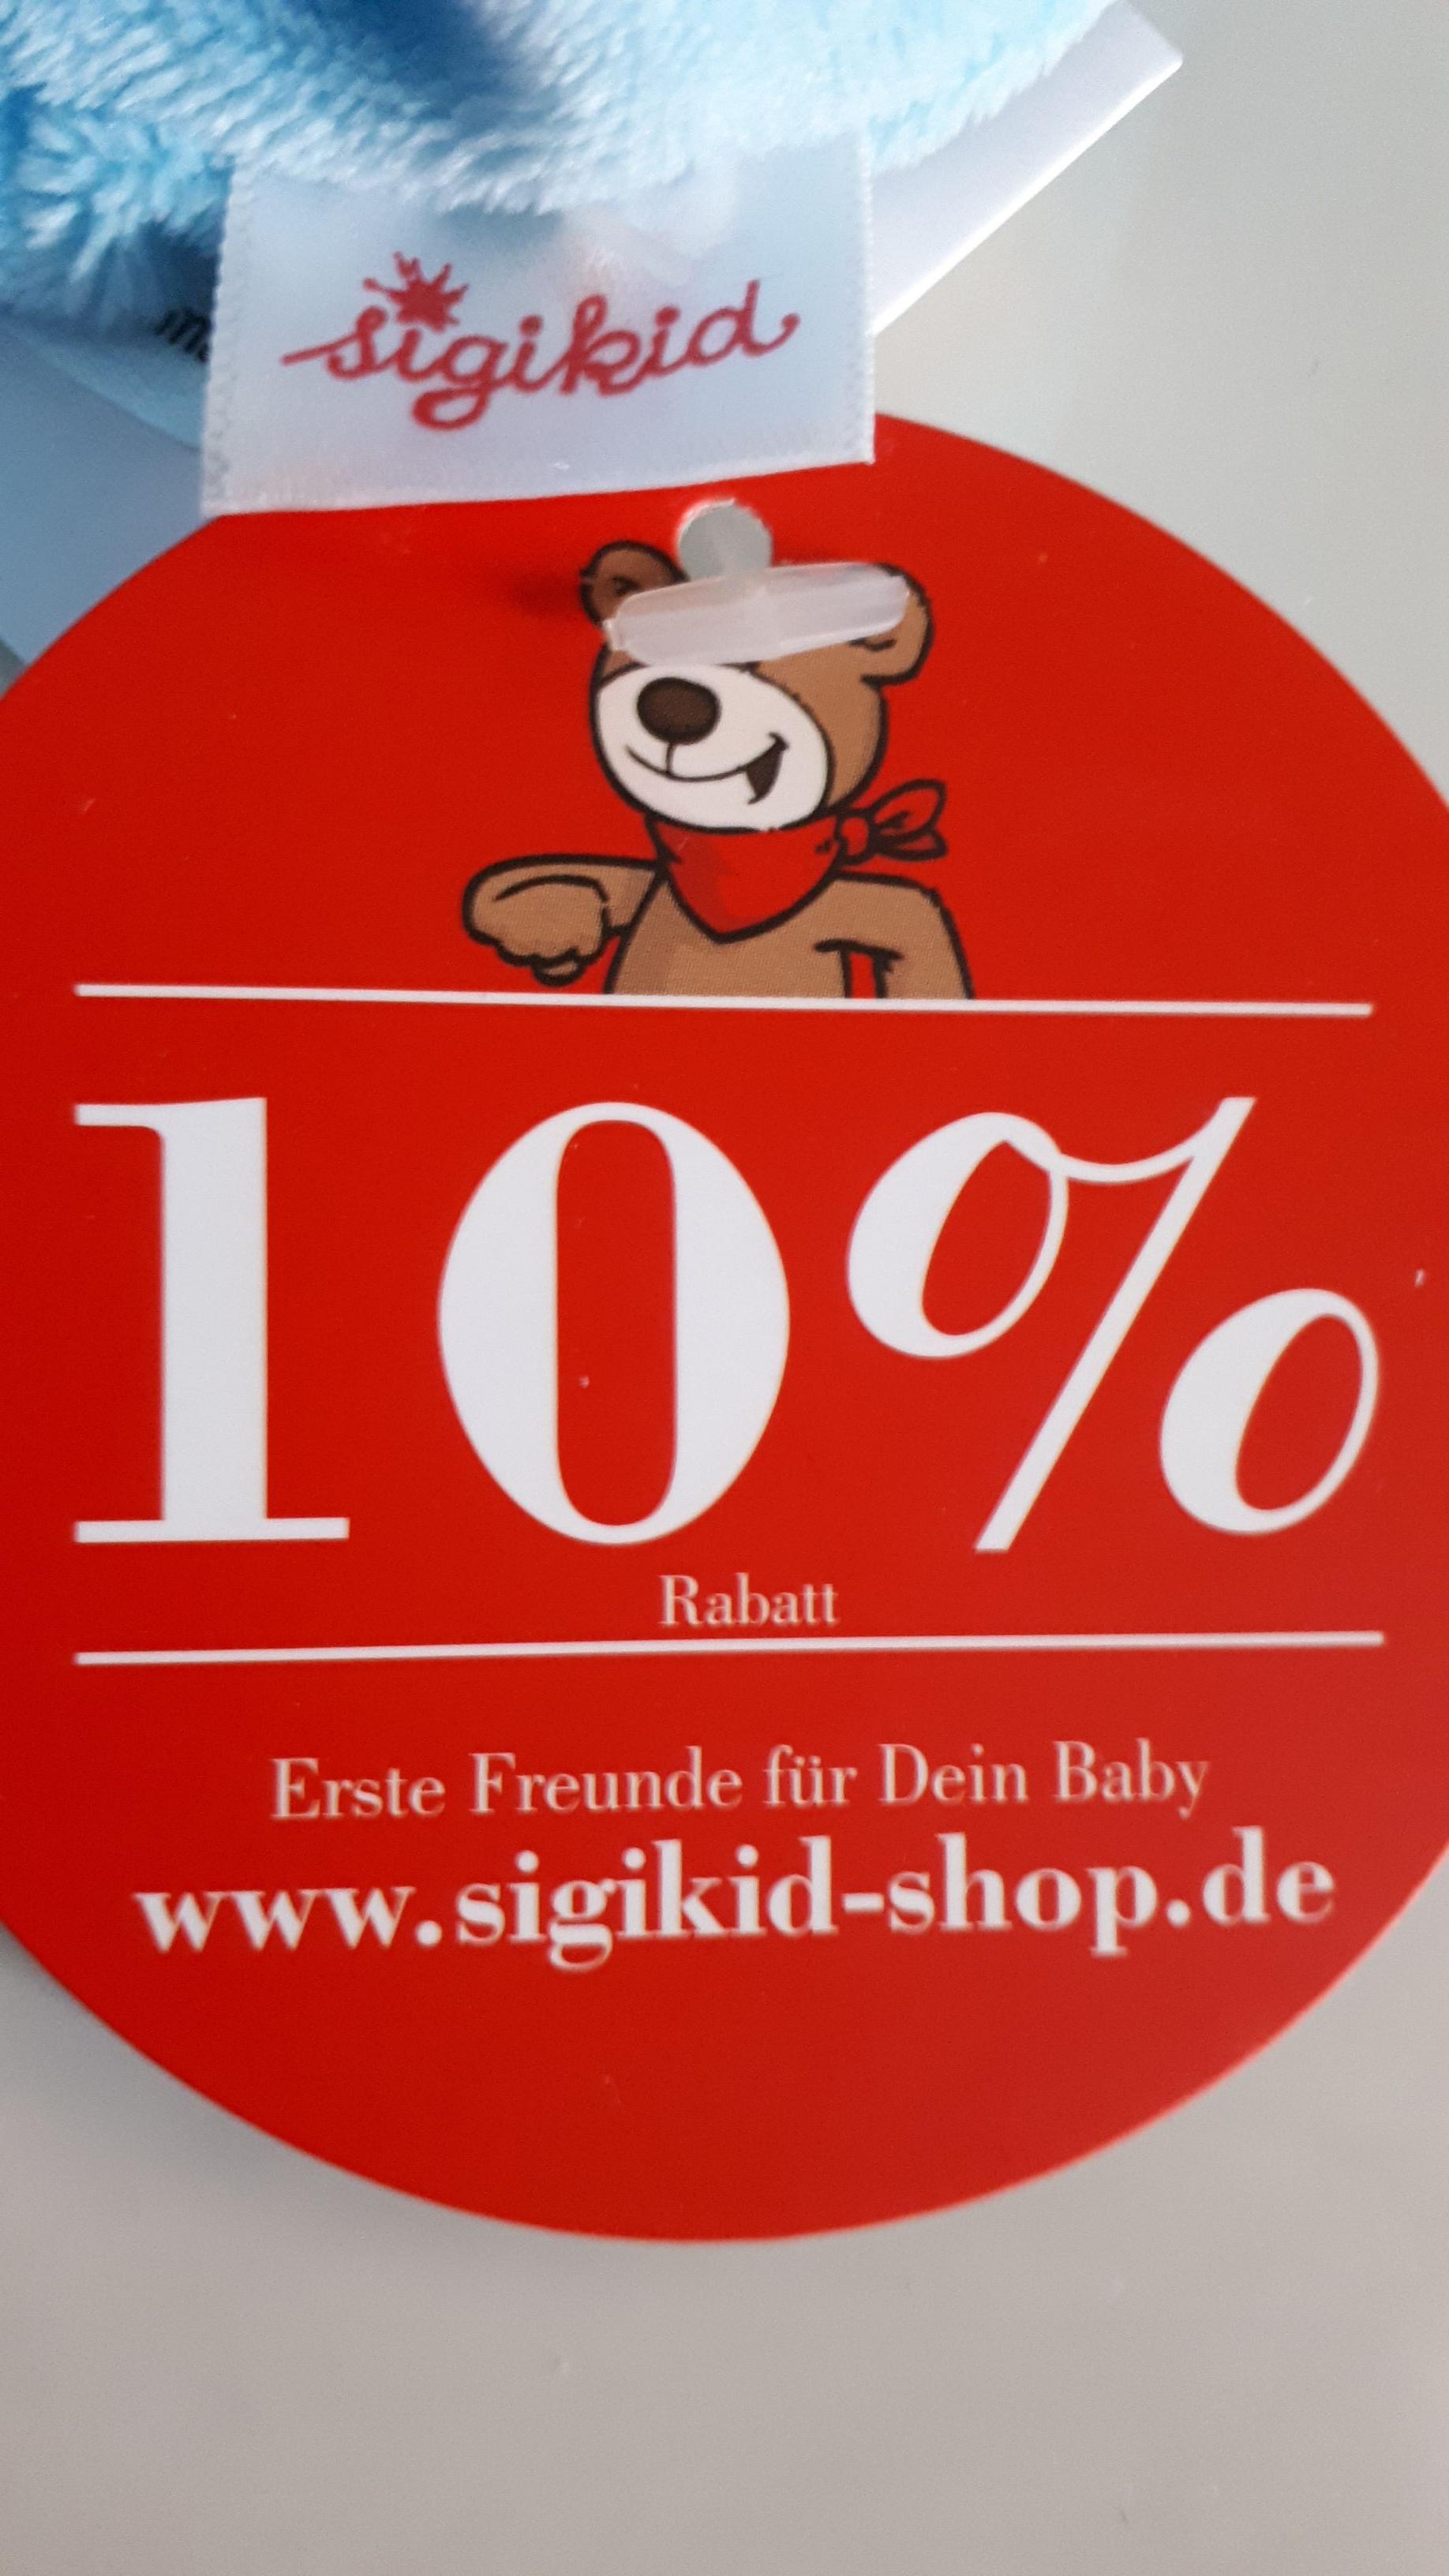 10% Rabatt im Sigikid-Shop.de Babymode Spielsachen